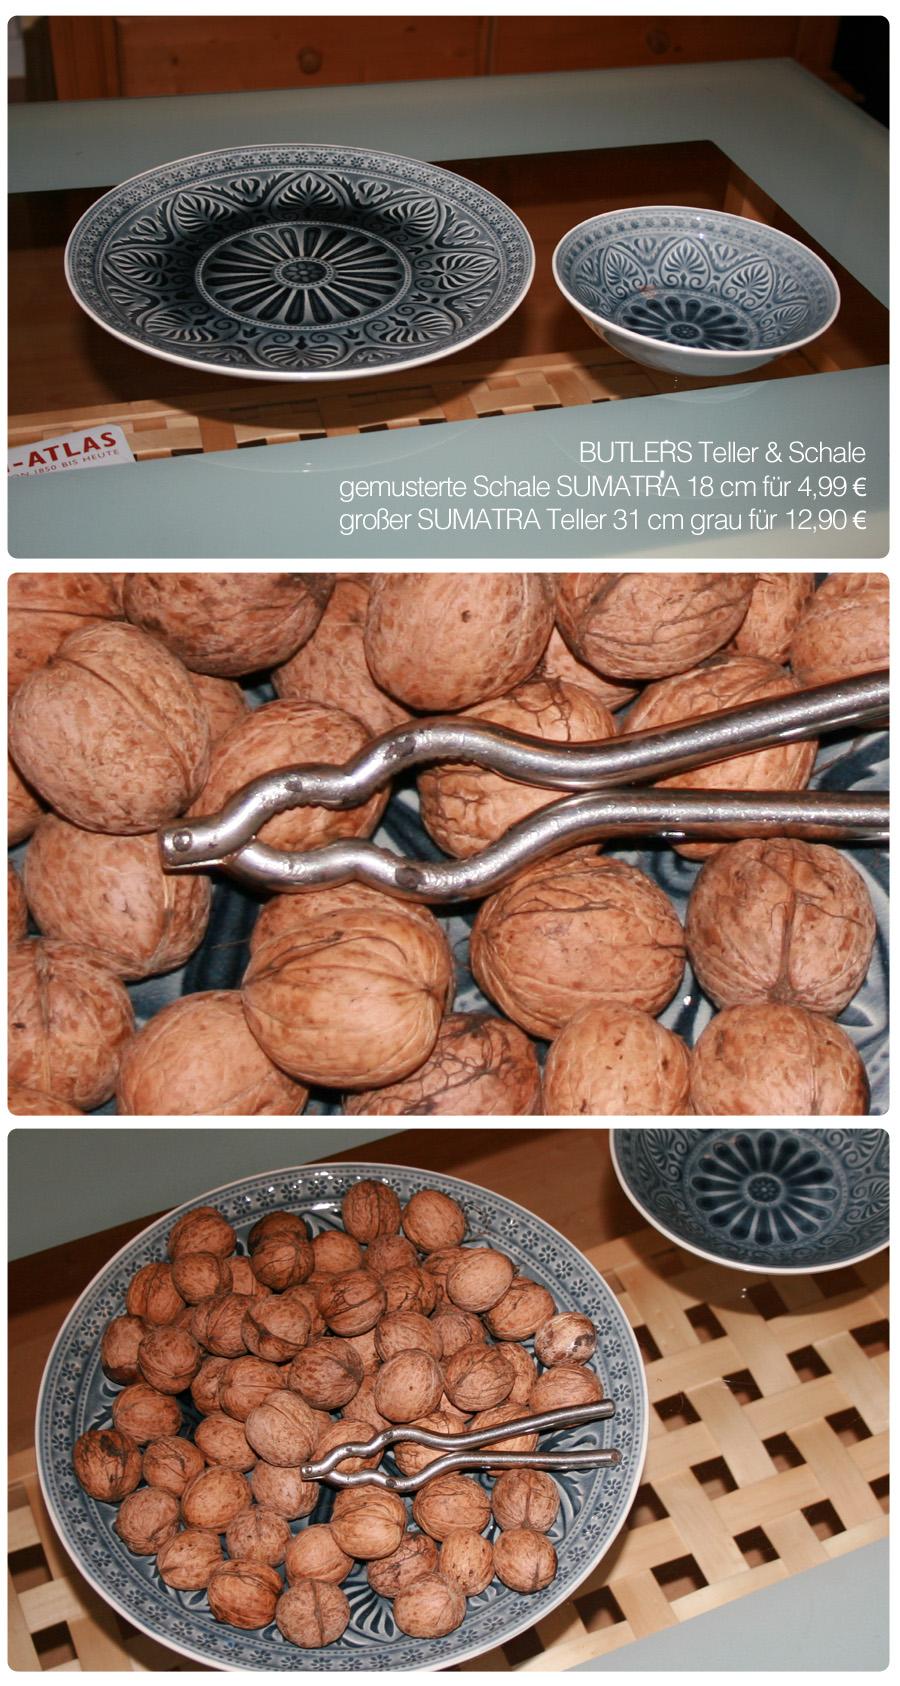 Dekotipp: gemusterter Teller von BUTLERS als Walnussschale